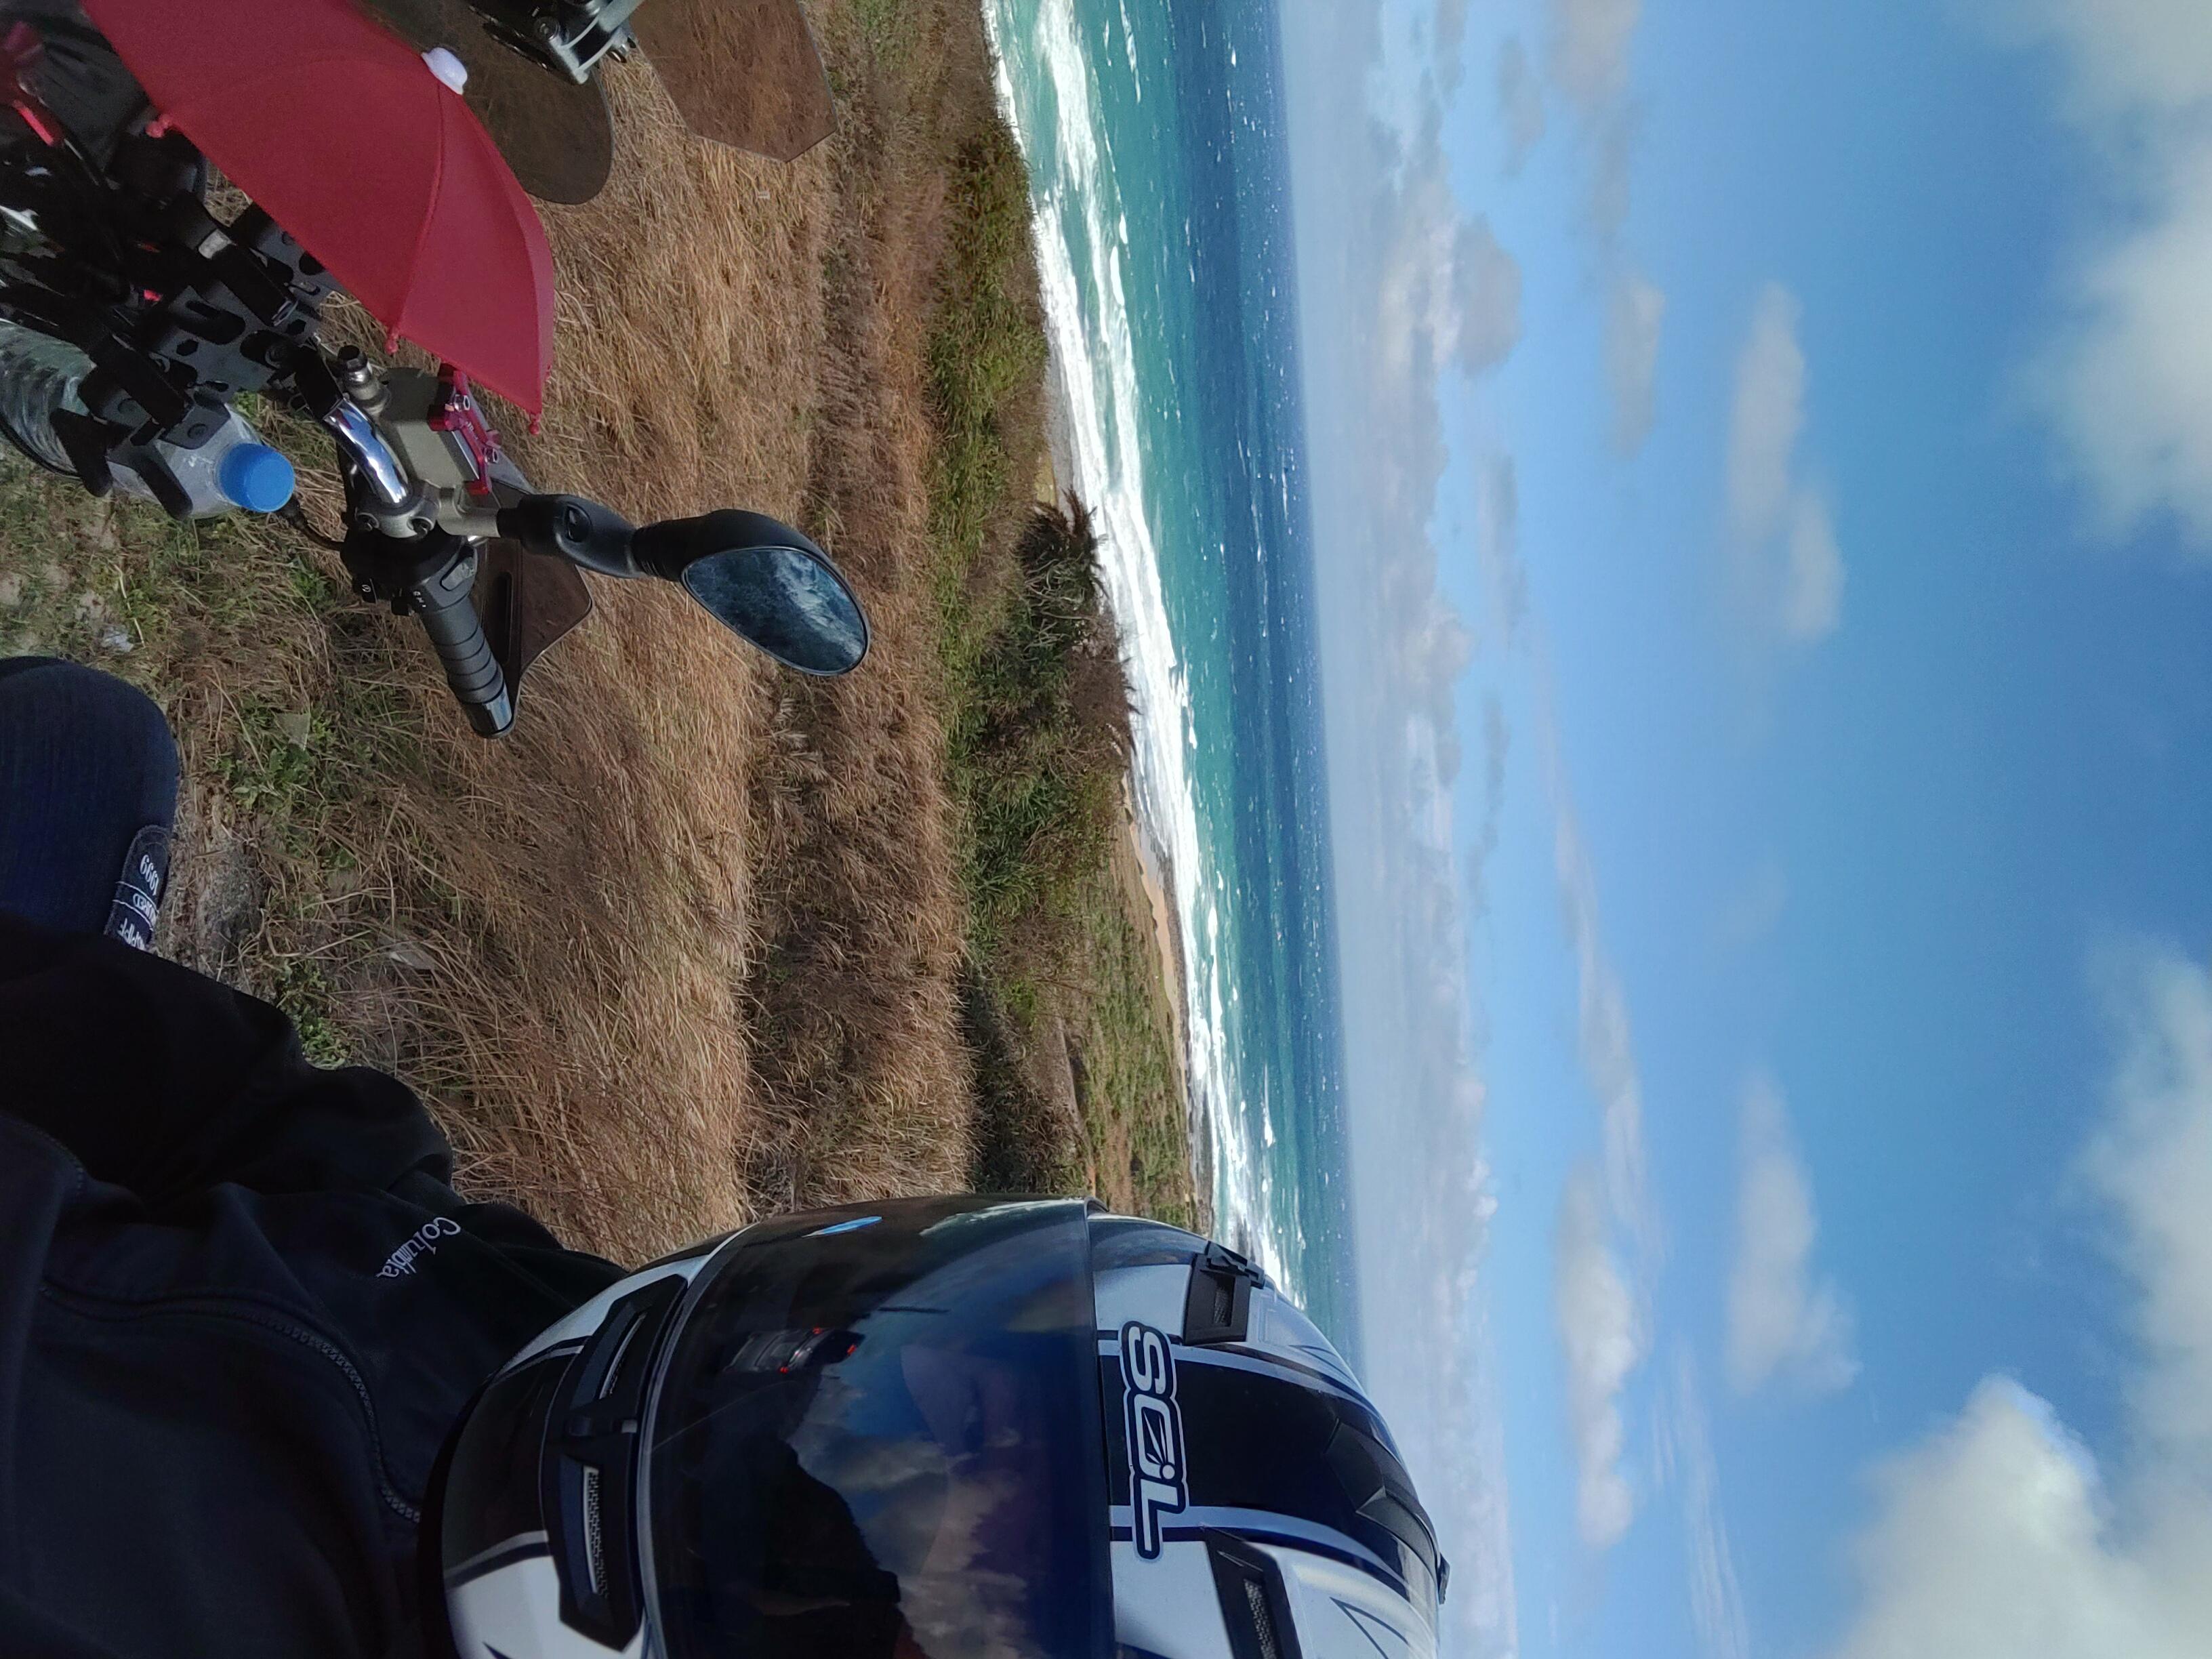 5th 走!去騎摩托車吧!六天五夜山海奇行環島之旅4982